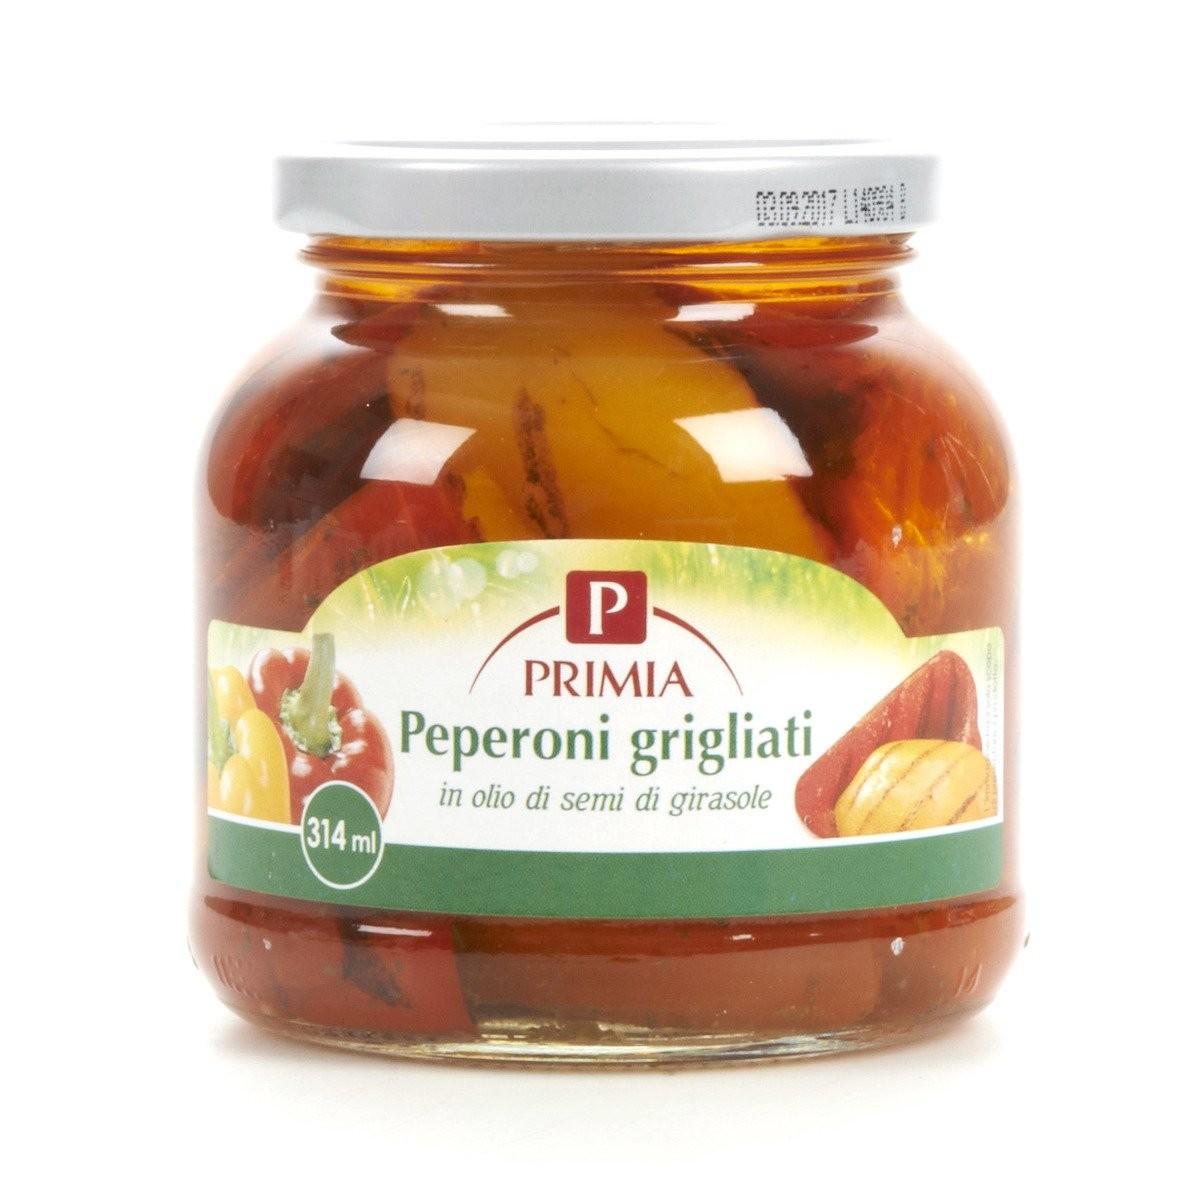 Primia Peperoni grigliati